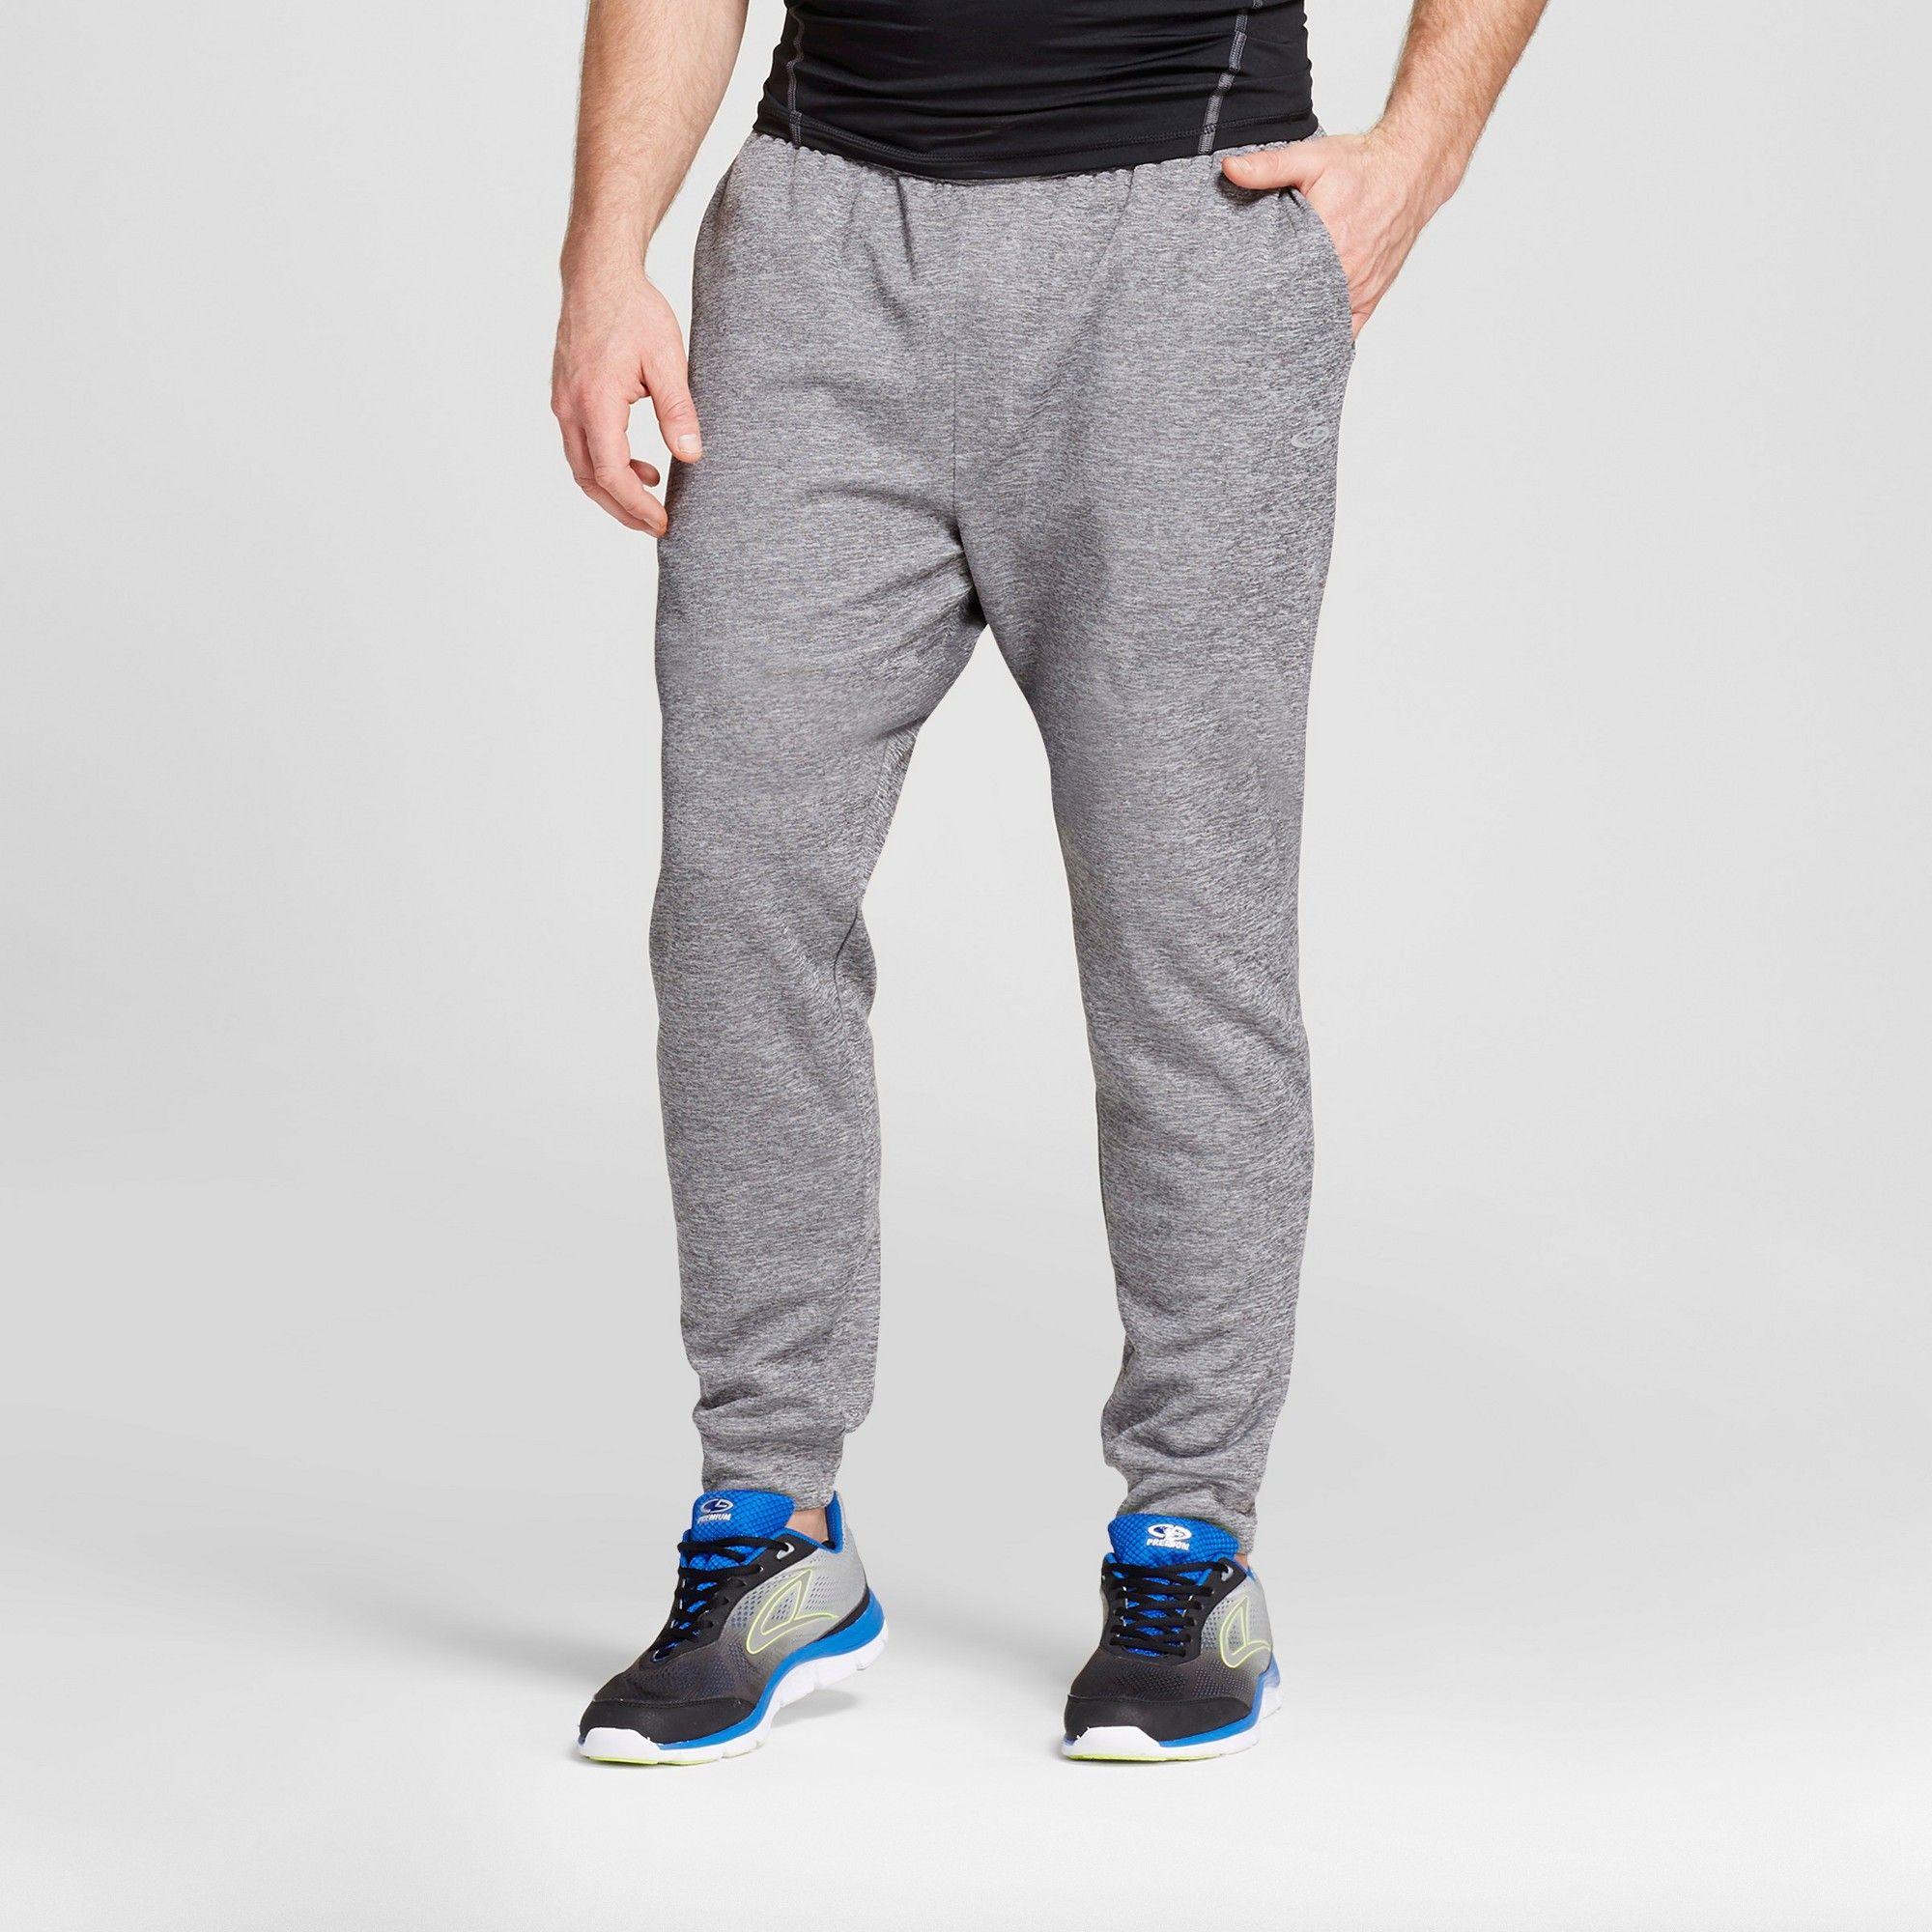 99a1d334 Men's Big & Tall Premium Jogger Pants - C9 Champion Fog Heather L x 34,  Size: L Tall